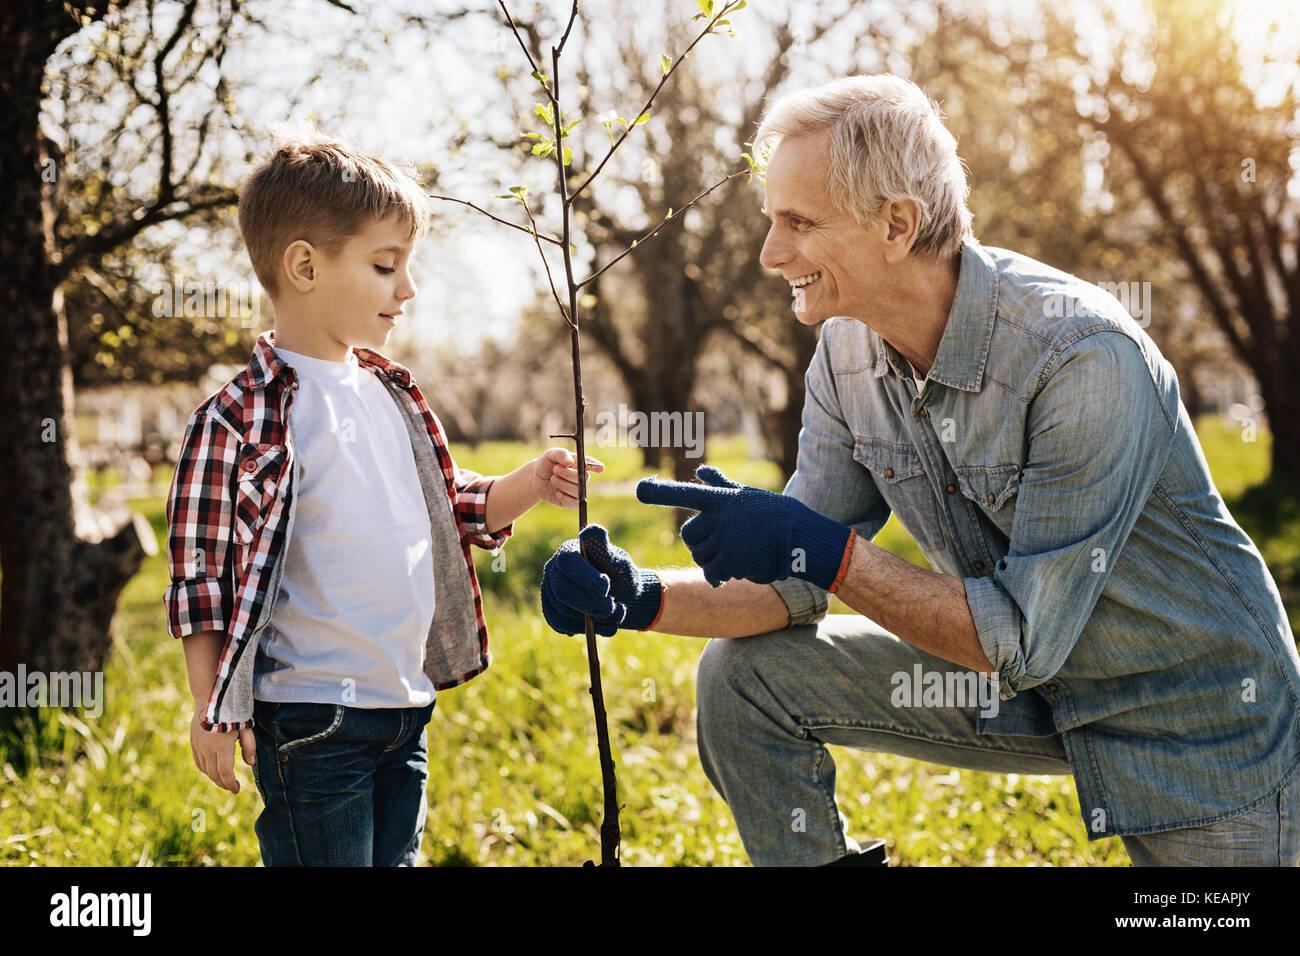 Ravi positive man en montrant le grandkid Photo Stock